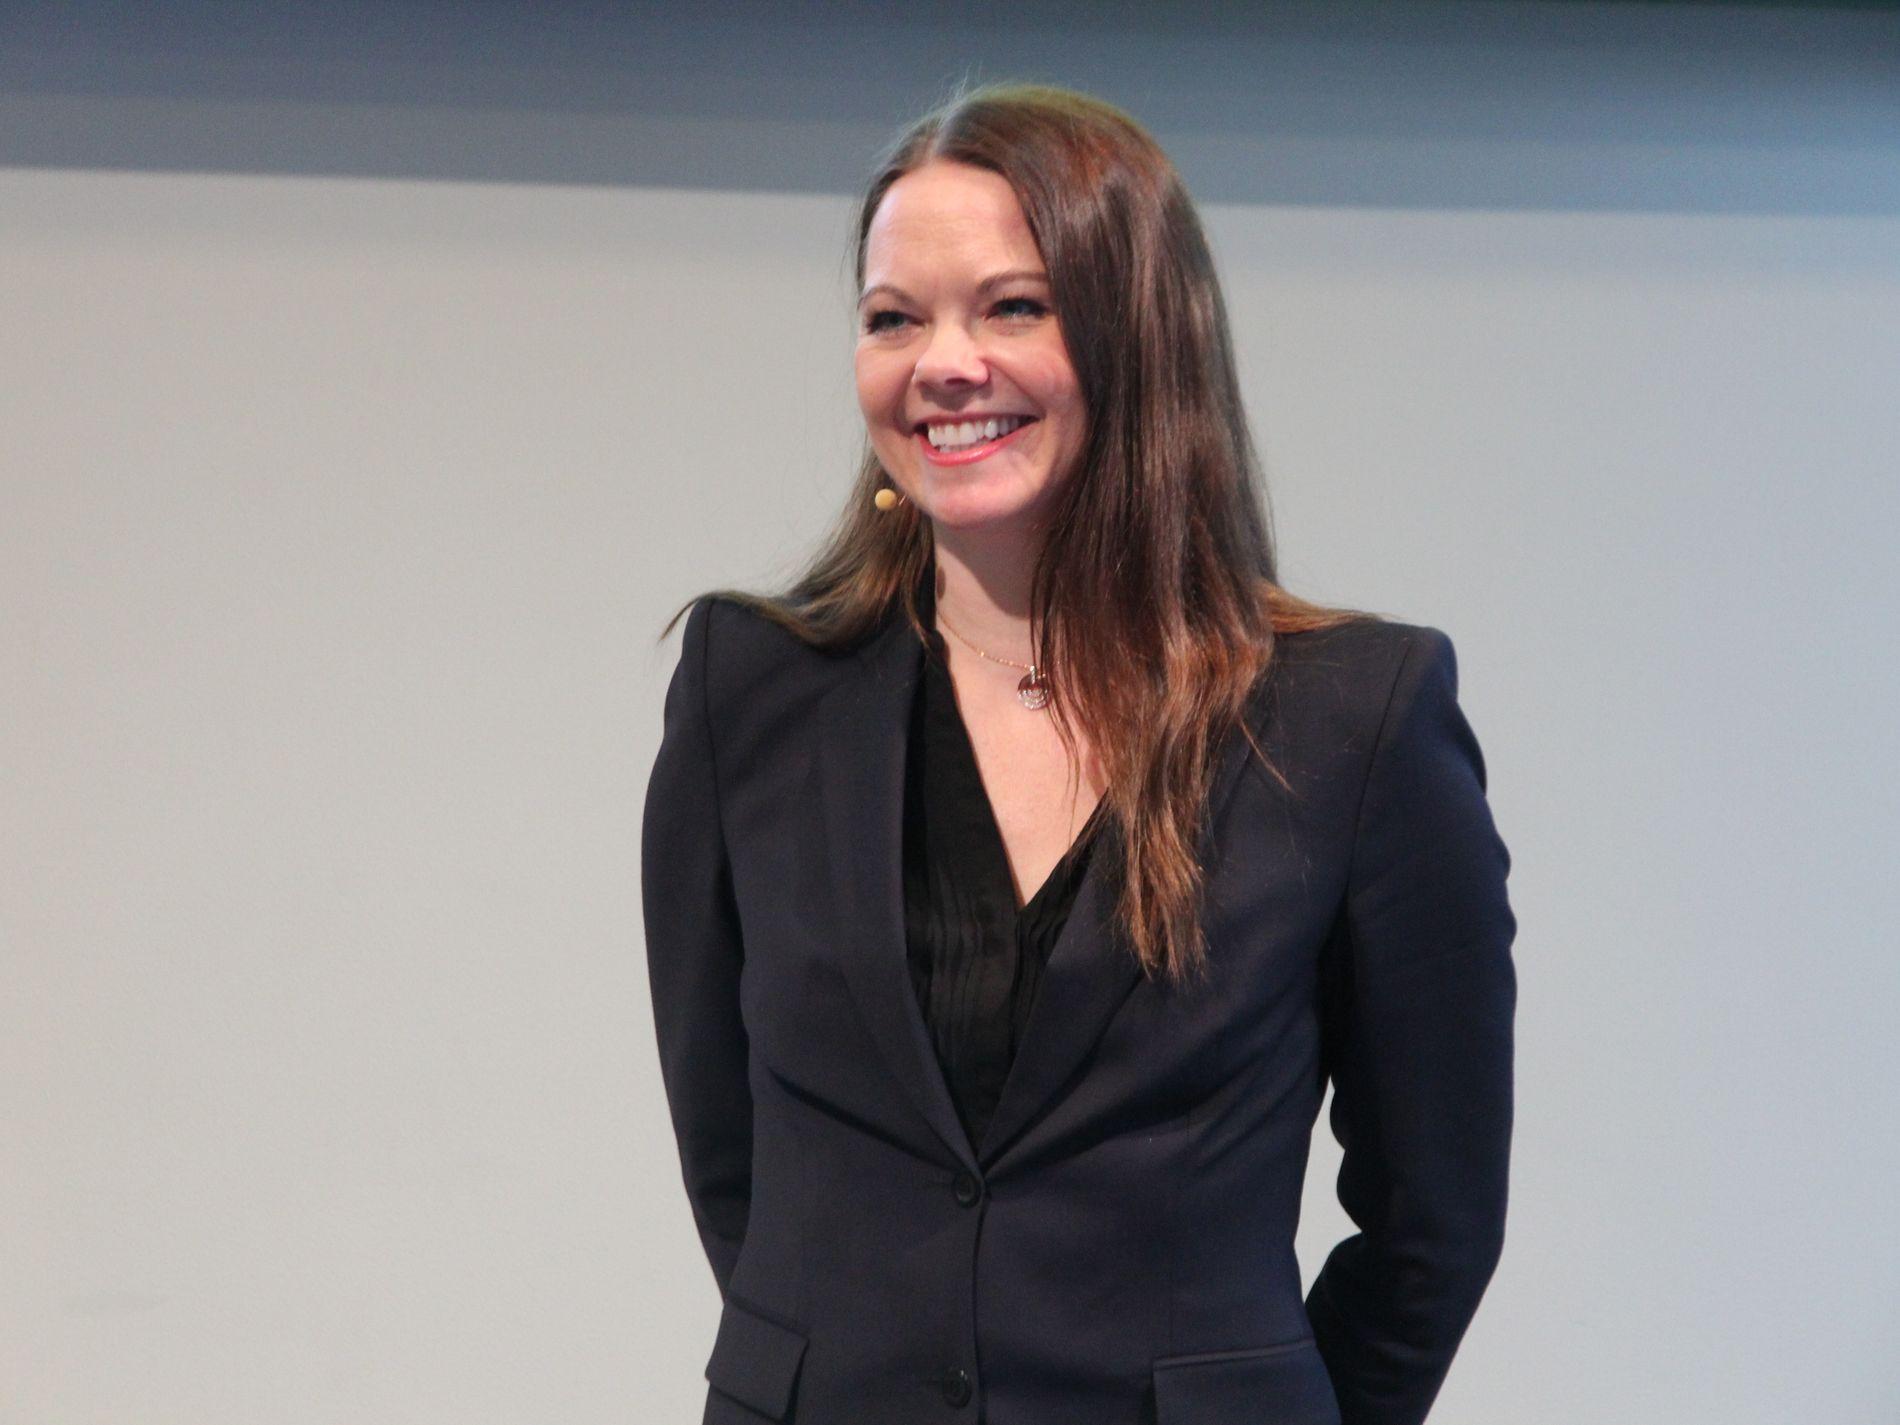 FANT MER SORT GULL: Letedirektør Evy Glørstad-Clark i Aker BP